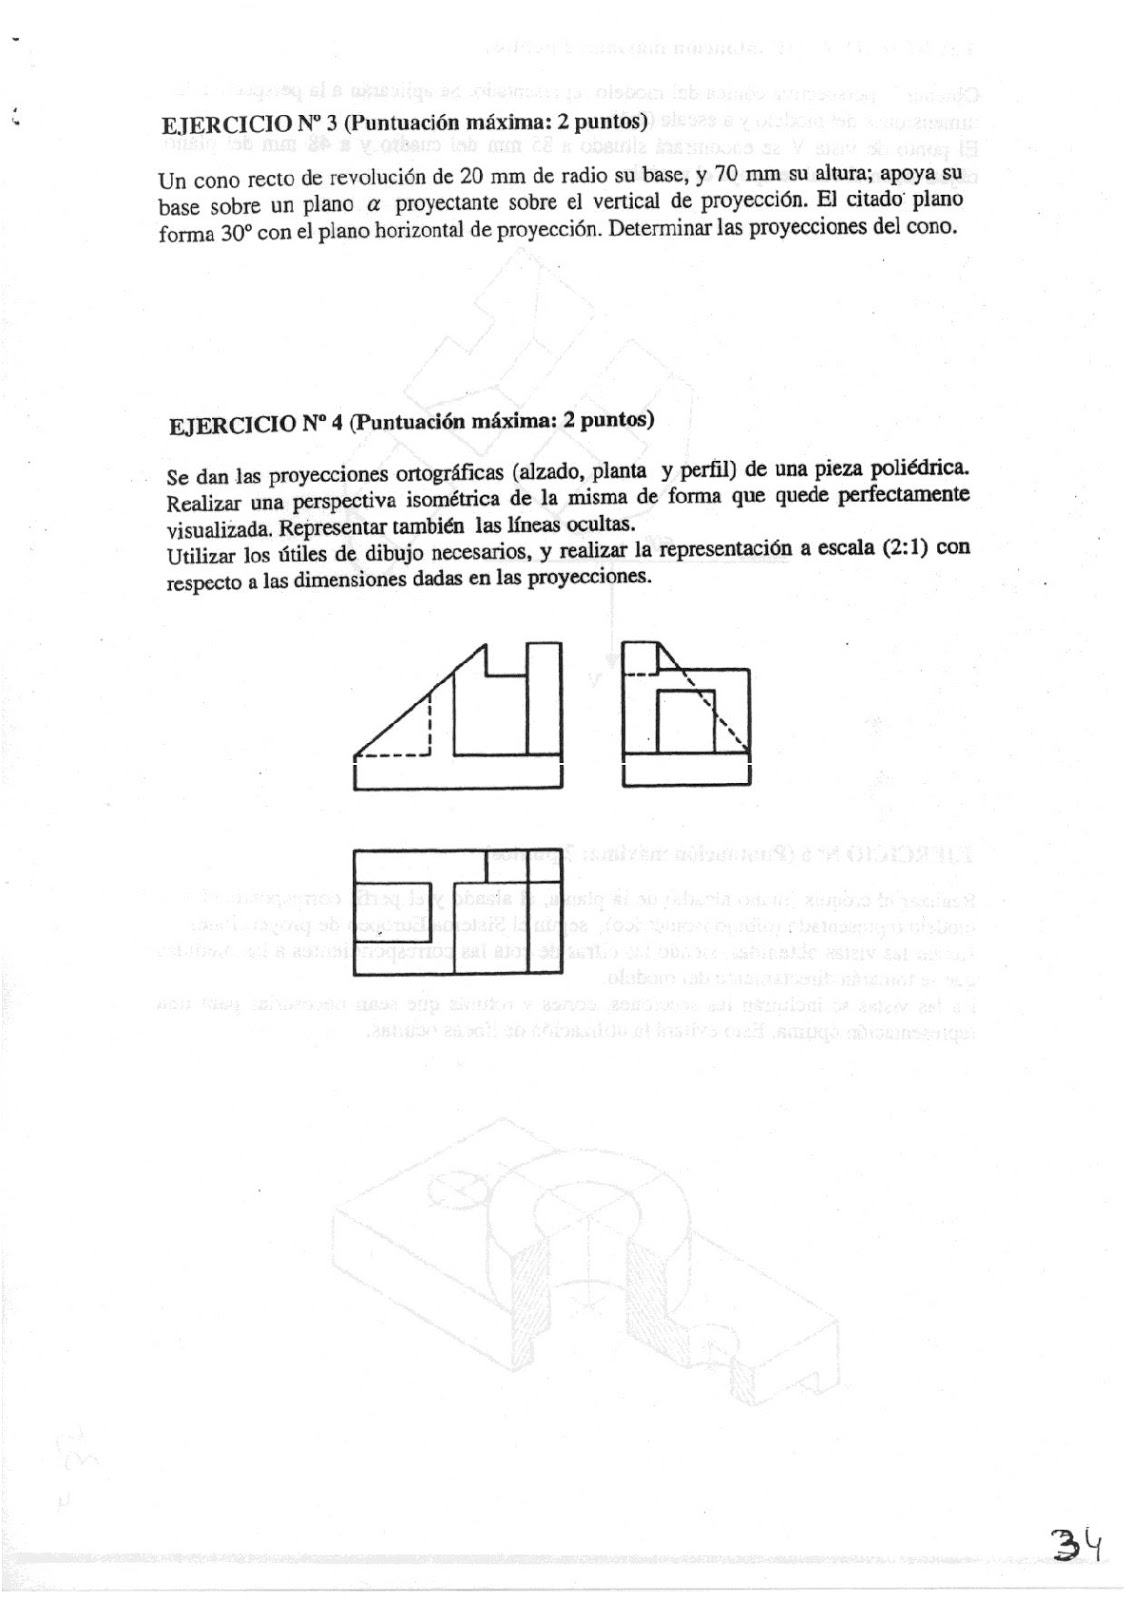 Exámenes de Evaluación Bachillerato Dibujo Técnico para el acceso a la Universidad | EBAU 2018 | Convocatorias Junio + Septiembre